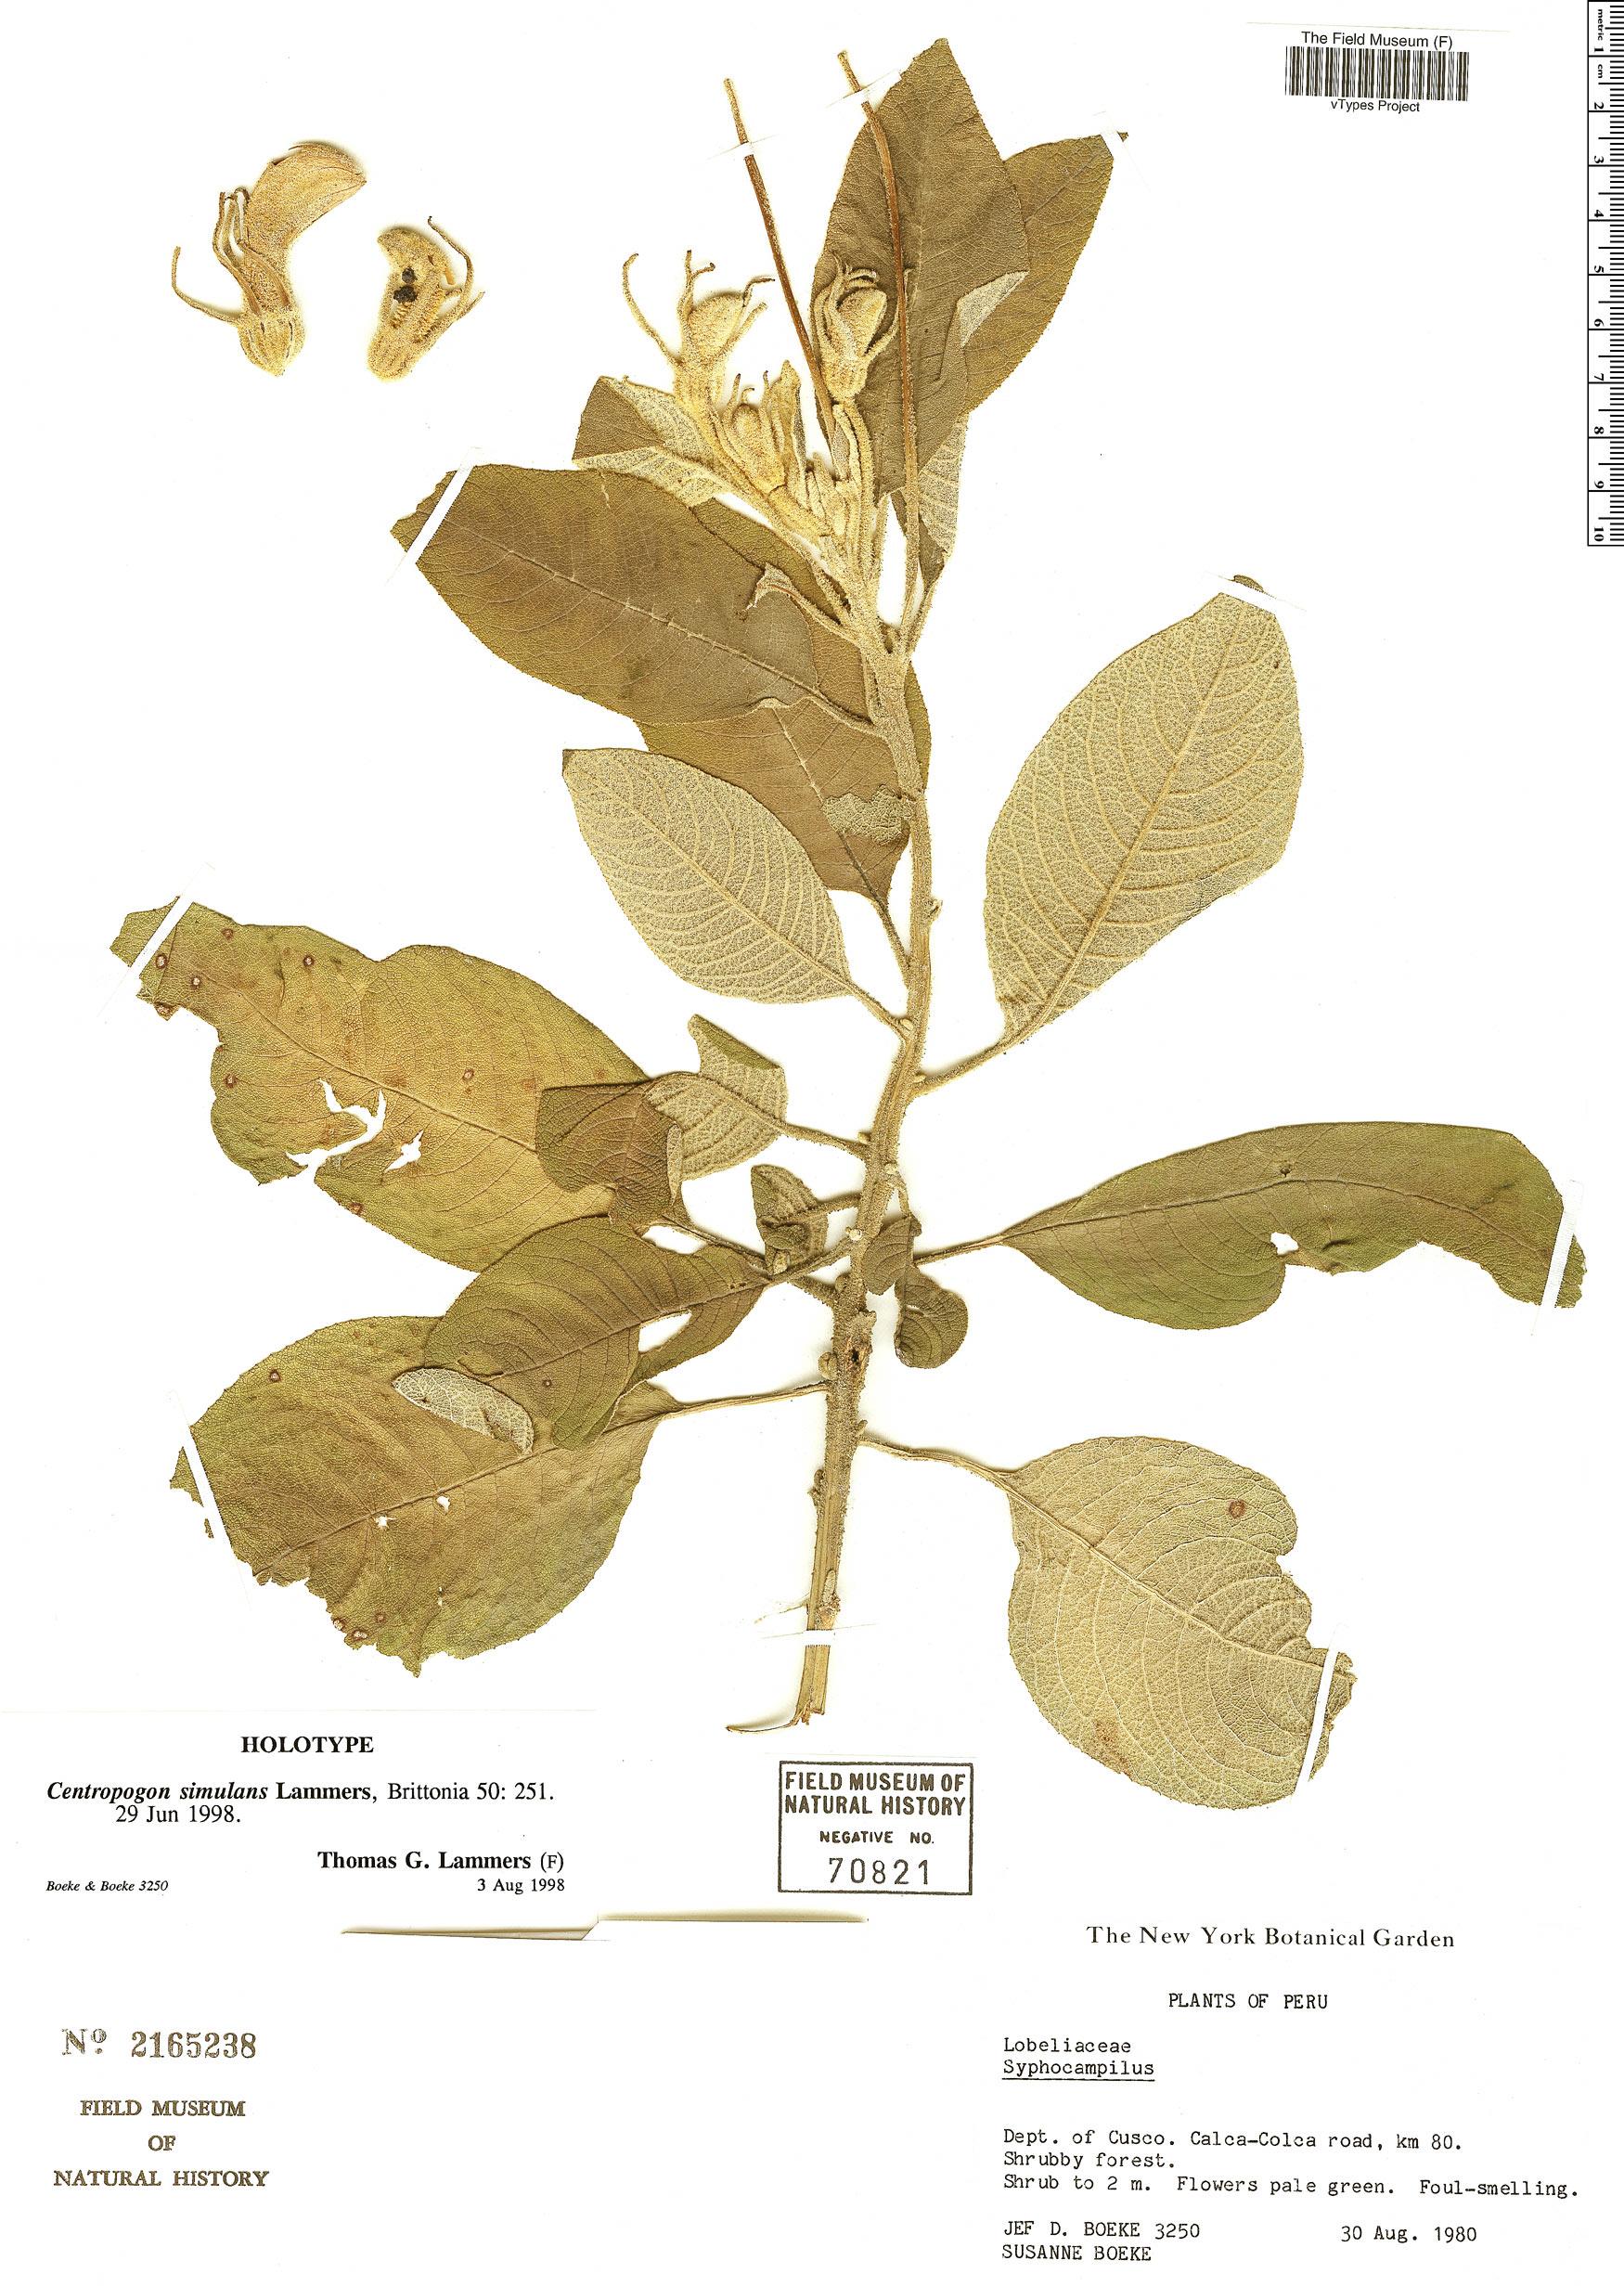 Specimen: Centropogon simulans